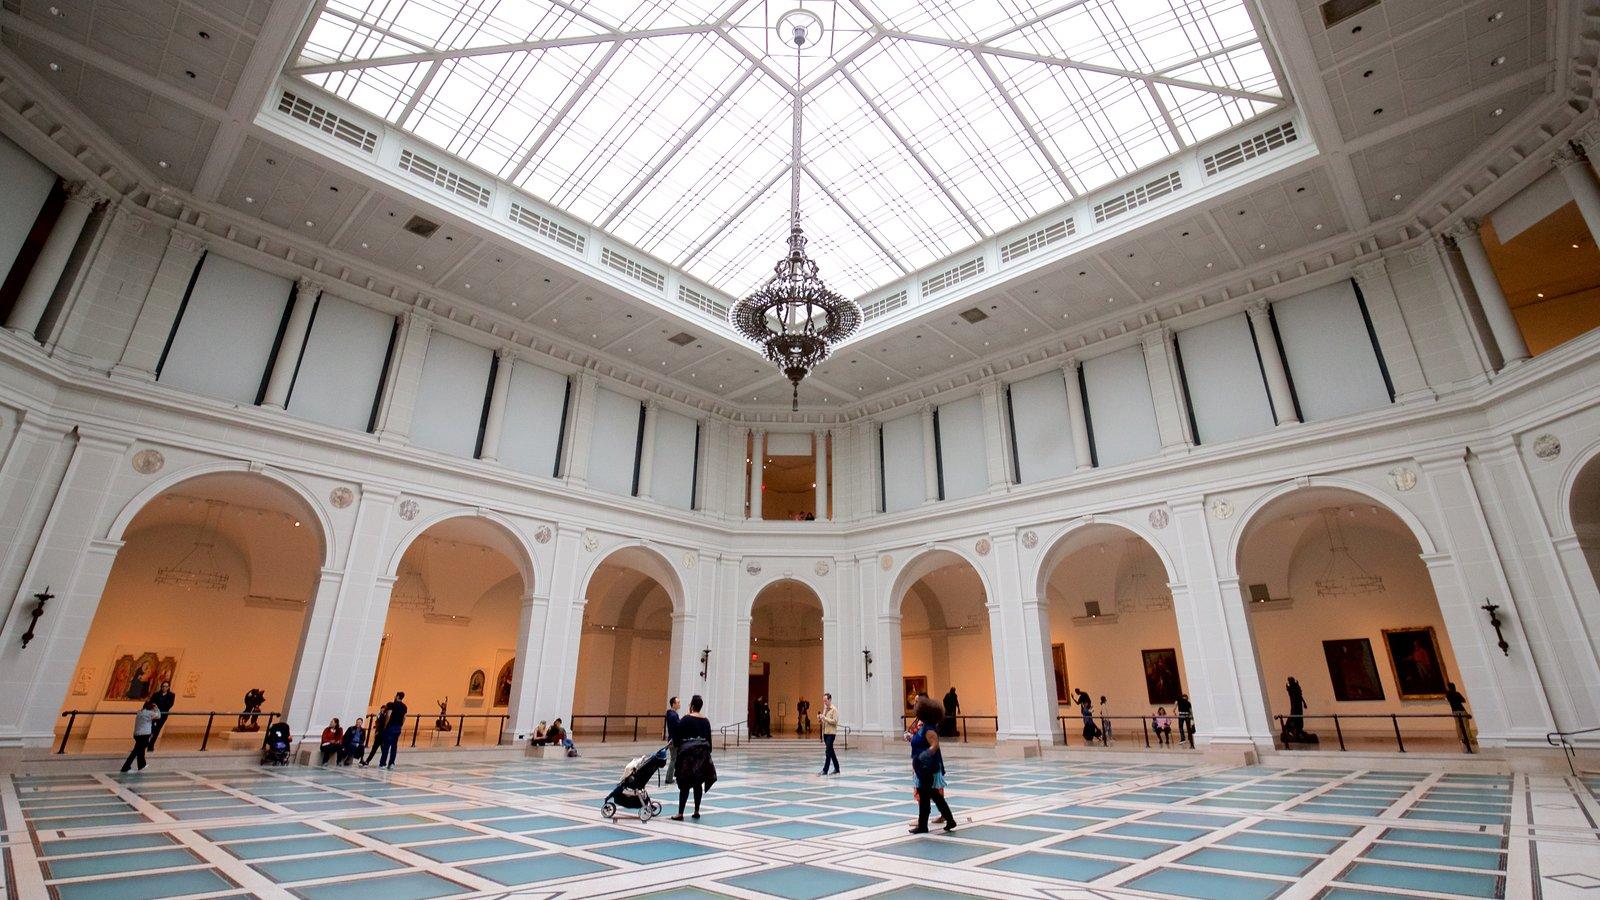 Museo Brooklyn ofreciendo elementos del patrimonio y vistas interiores y también un pequeño grupo de personas